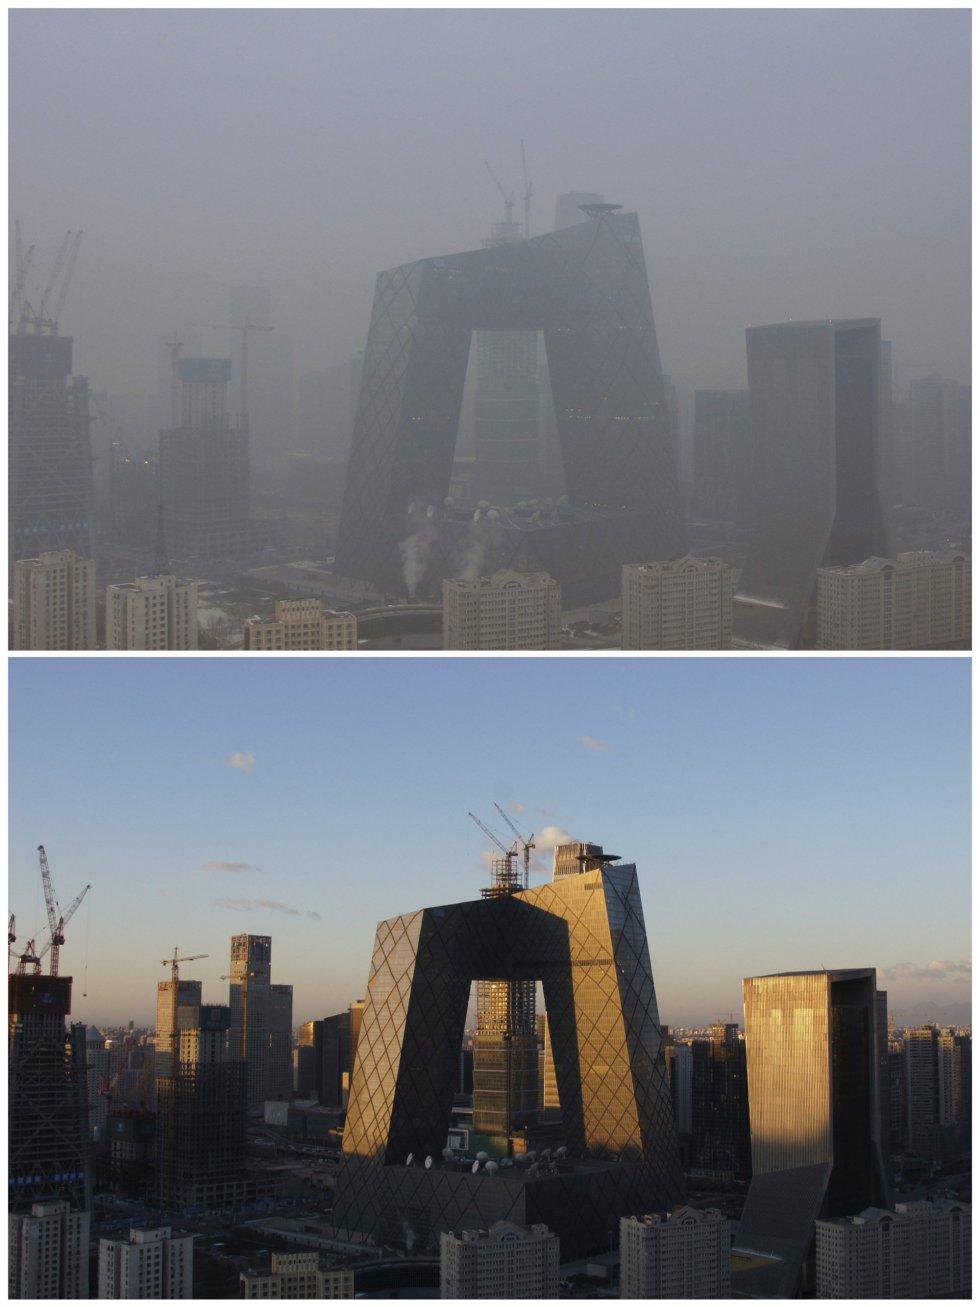 El edificio de la televisión china (CCTV) bajo la contaminación y en un día soleado.